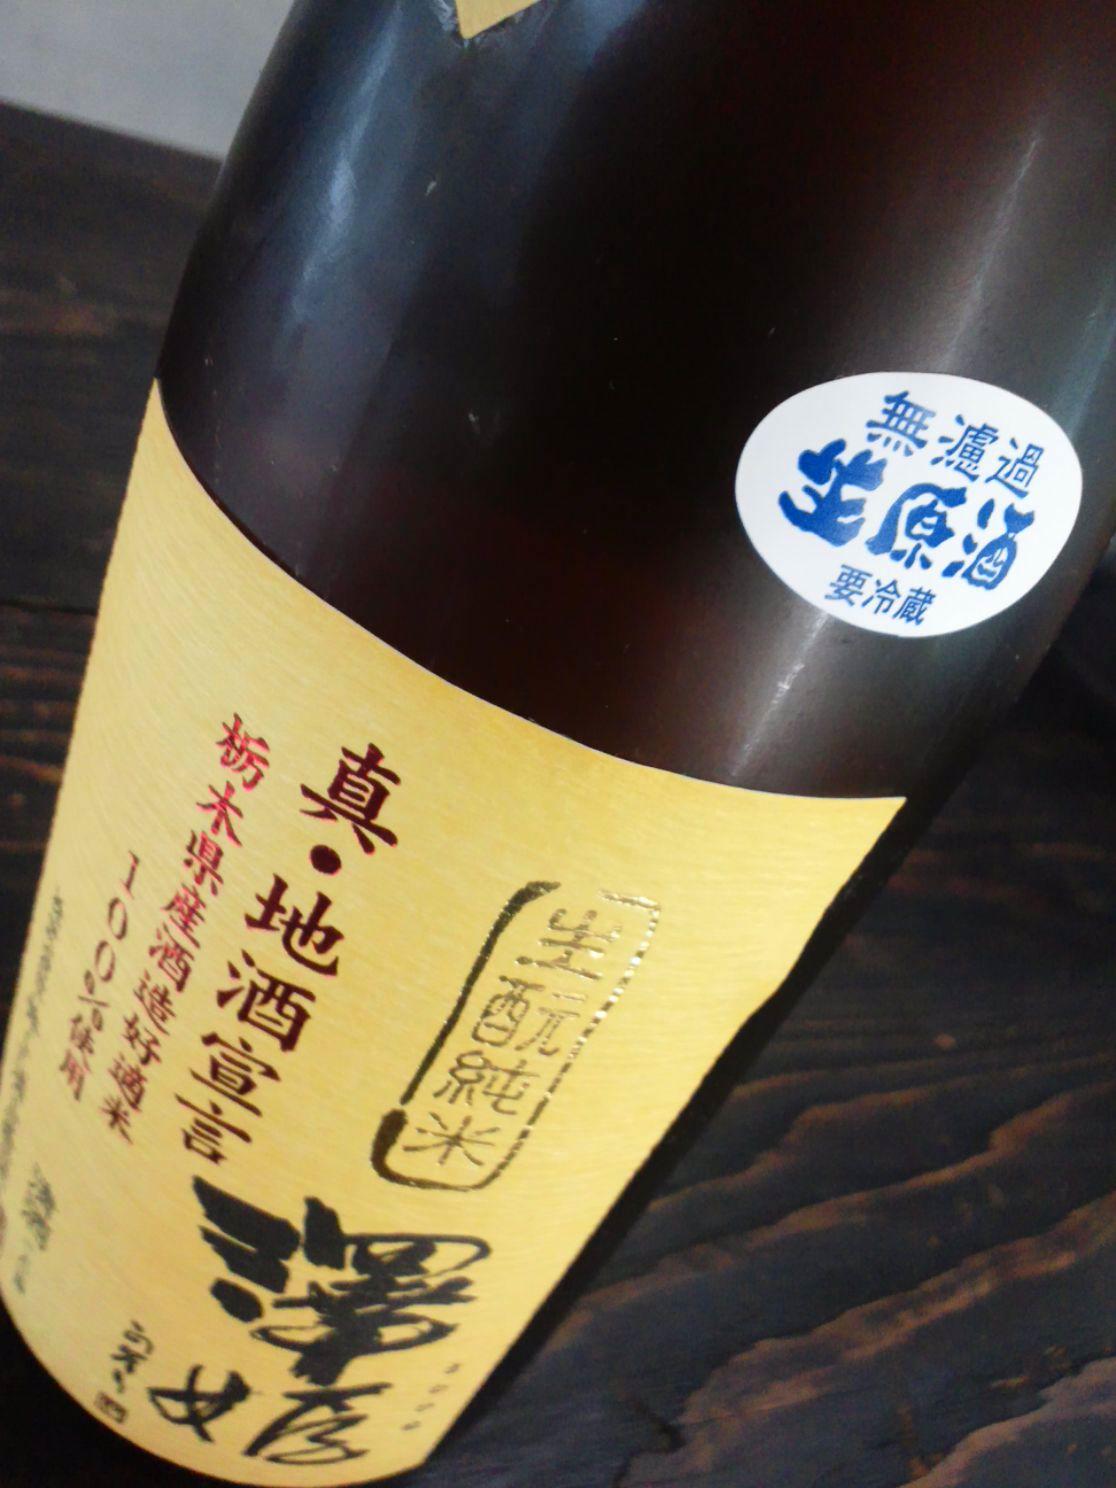 栃木県の澤姫新酒入荷です!_d0113681_1637172.jpg